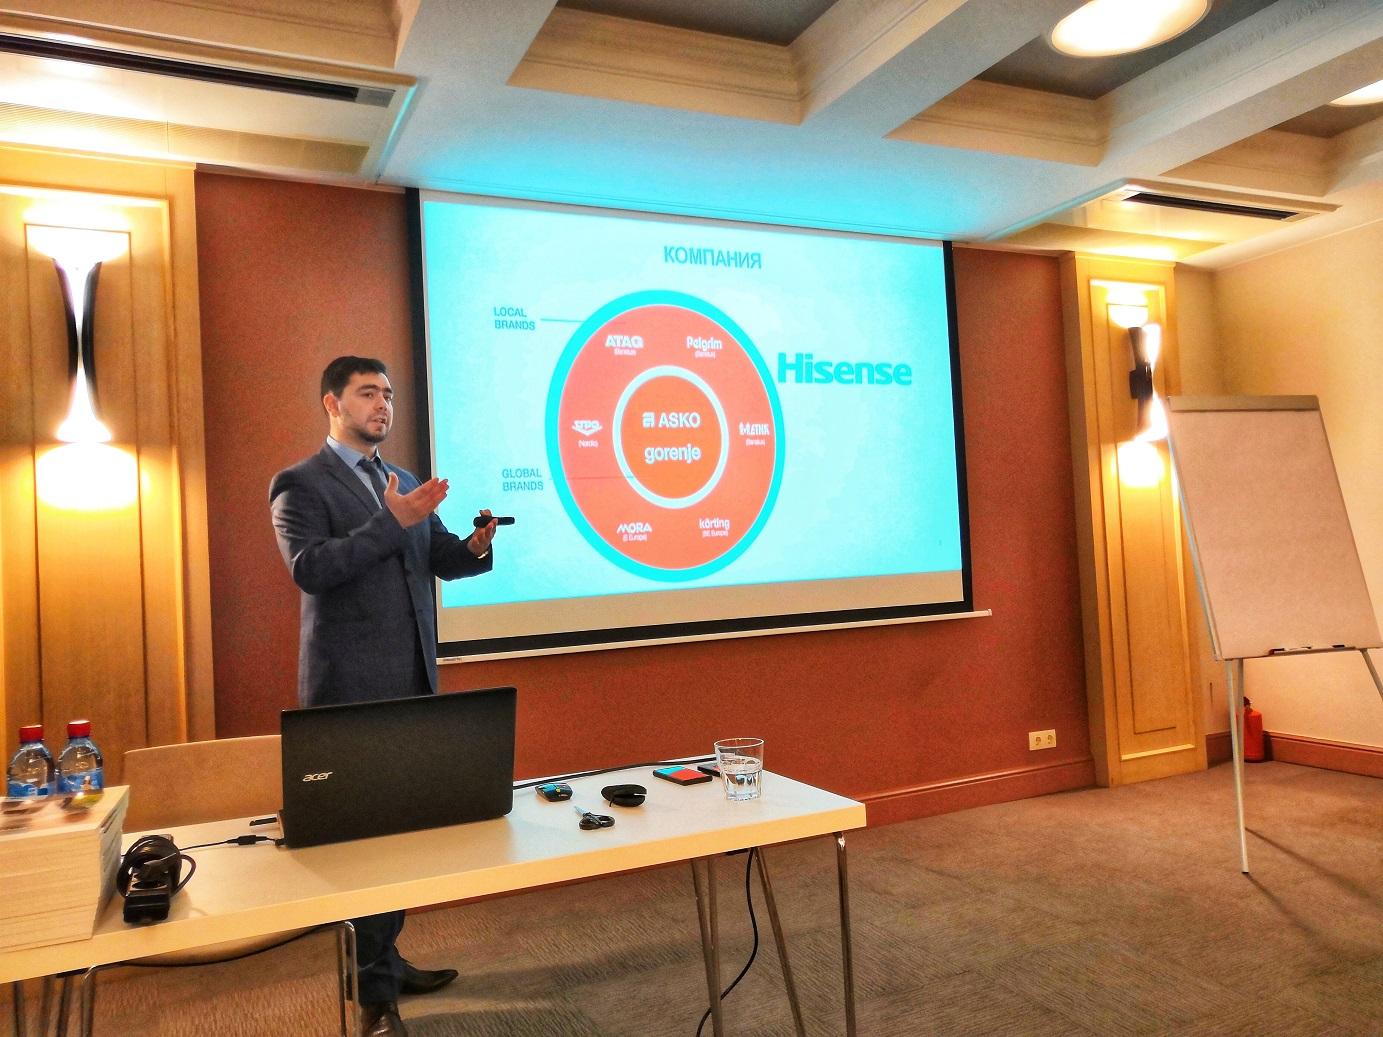 15 мая 2019г в отеле Гельвеция состоялся семинар компании Gorenje+ по теме